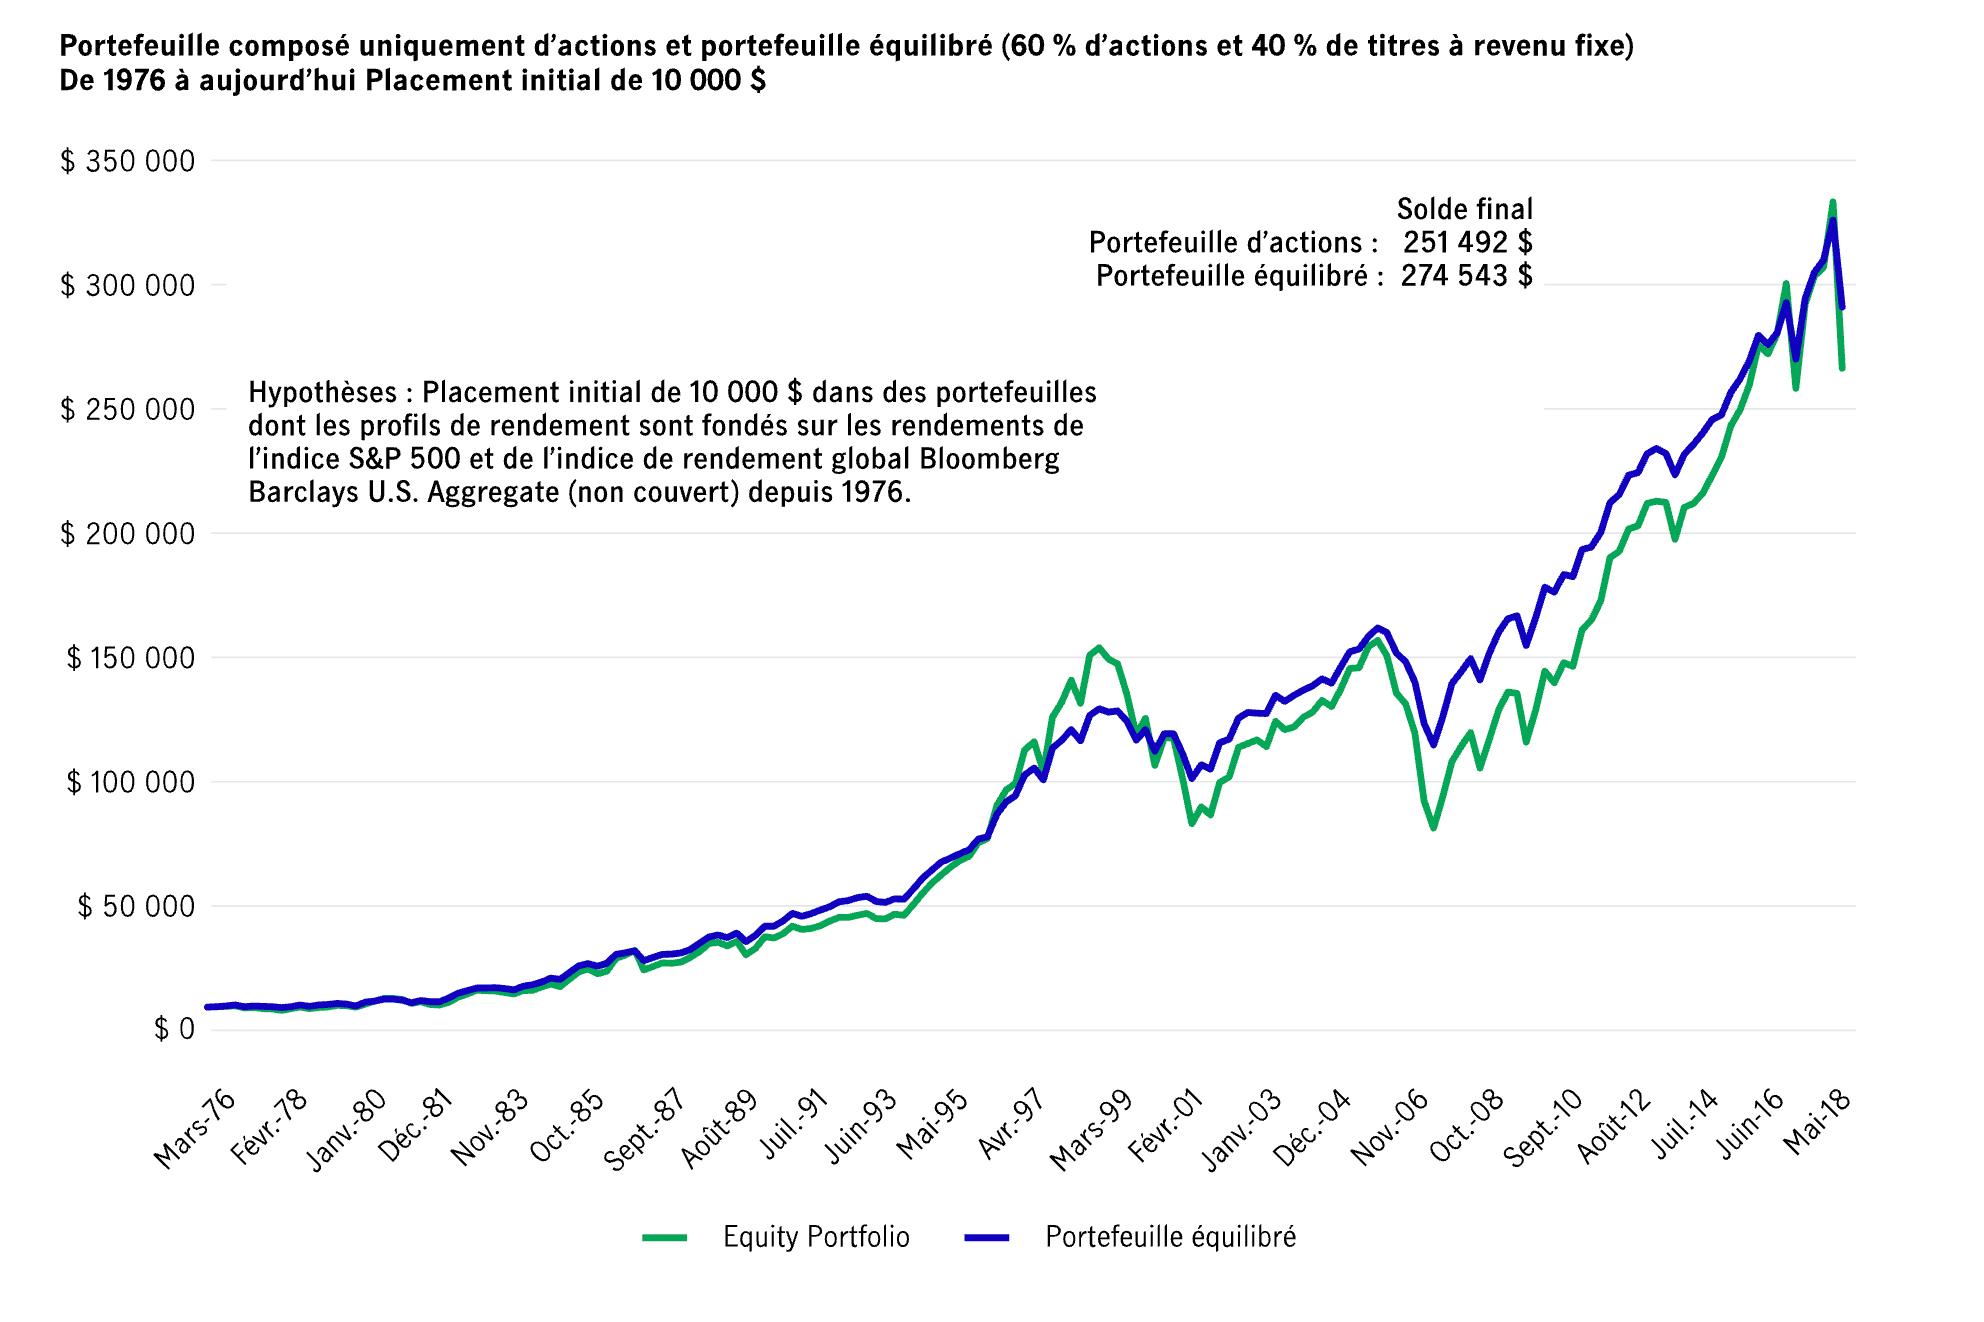 Croissance d'un placement de 10 000 $ dans un portefeuille d'actions et un portefeuille équilibré (depuis 1976)